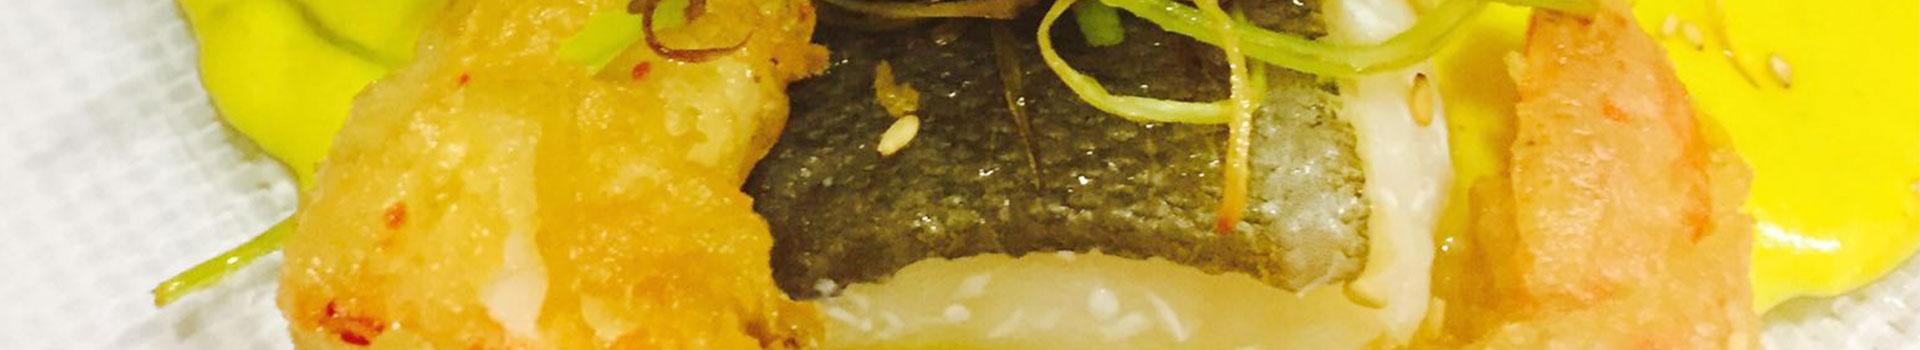 pescados-fondo-restaurante-navarro-cocina-mediterranea-centro-valencia